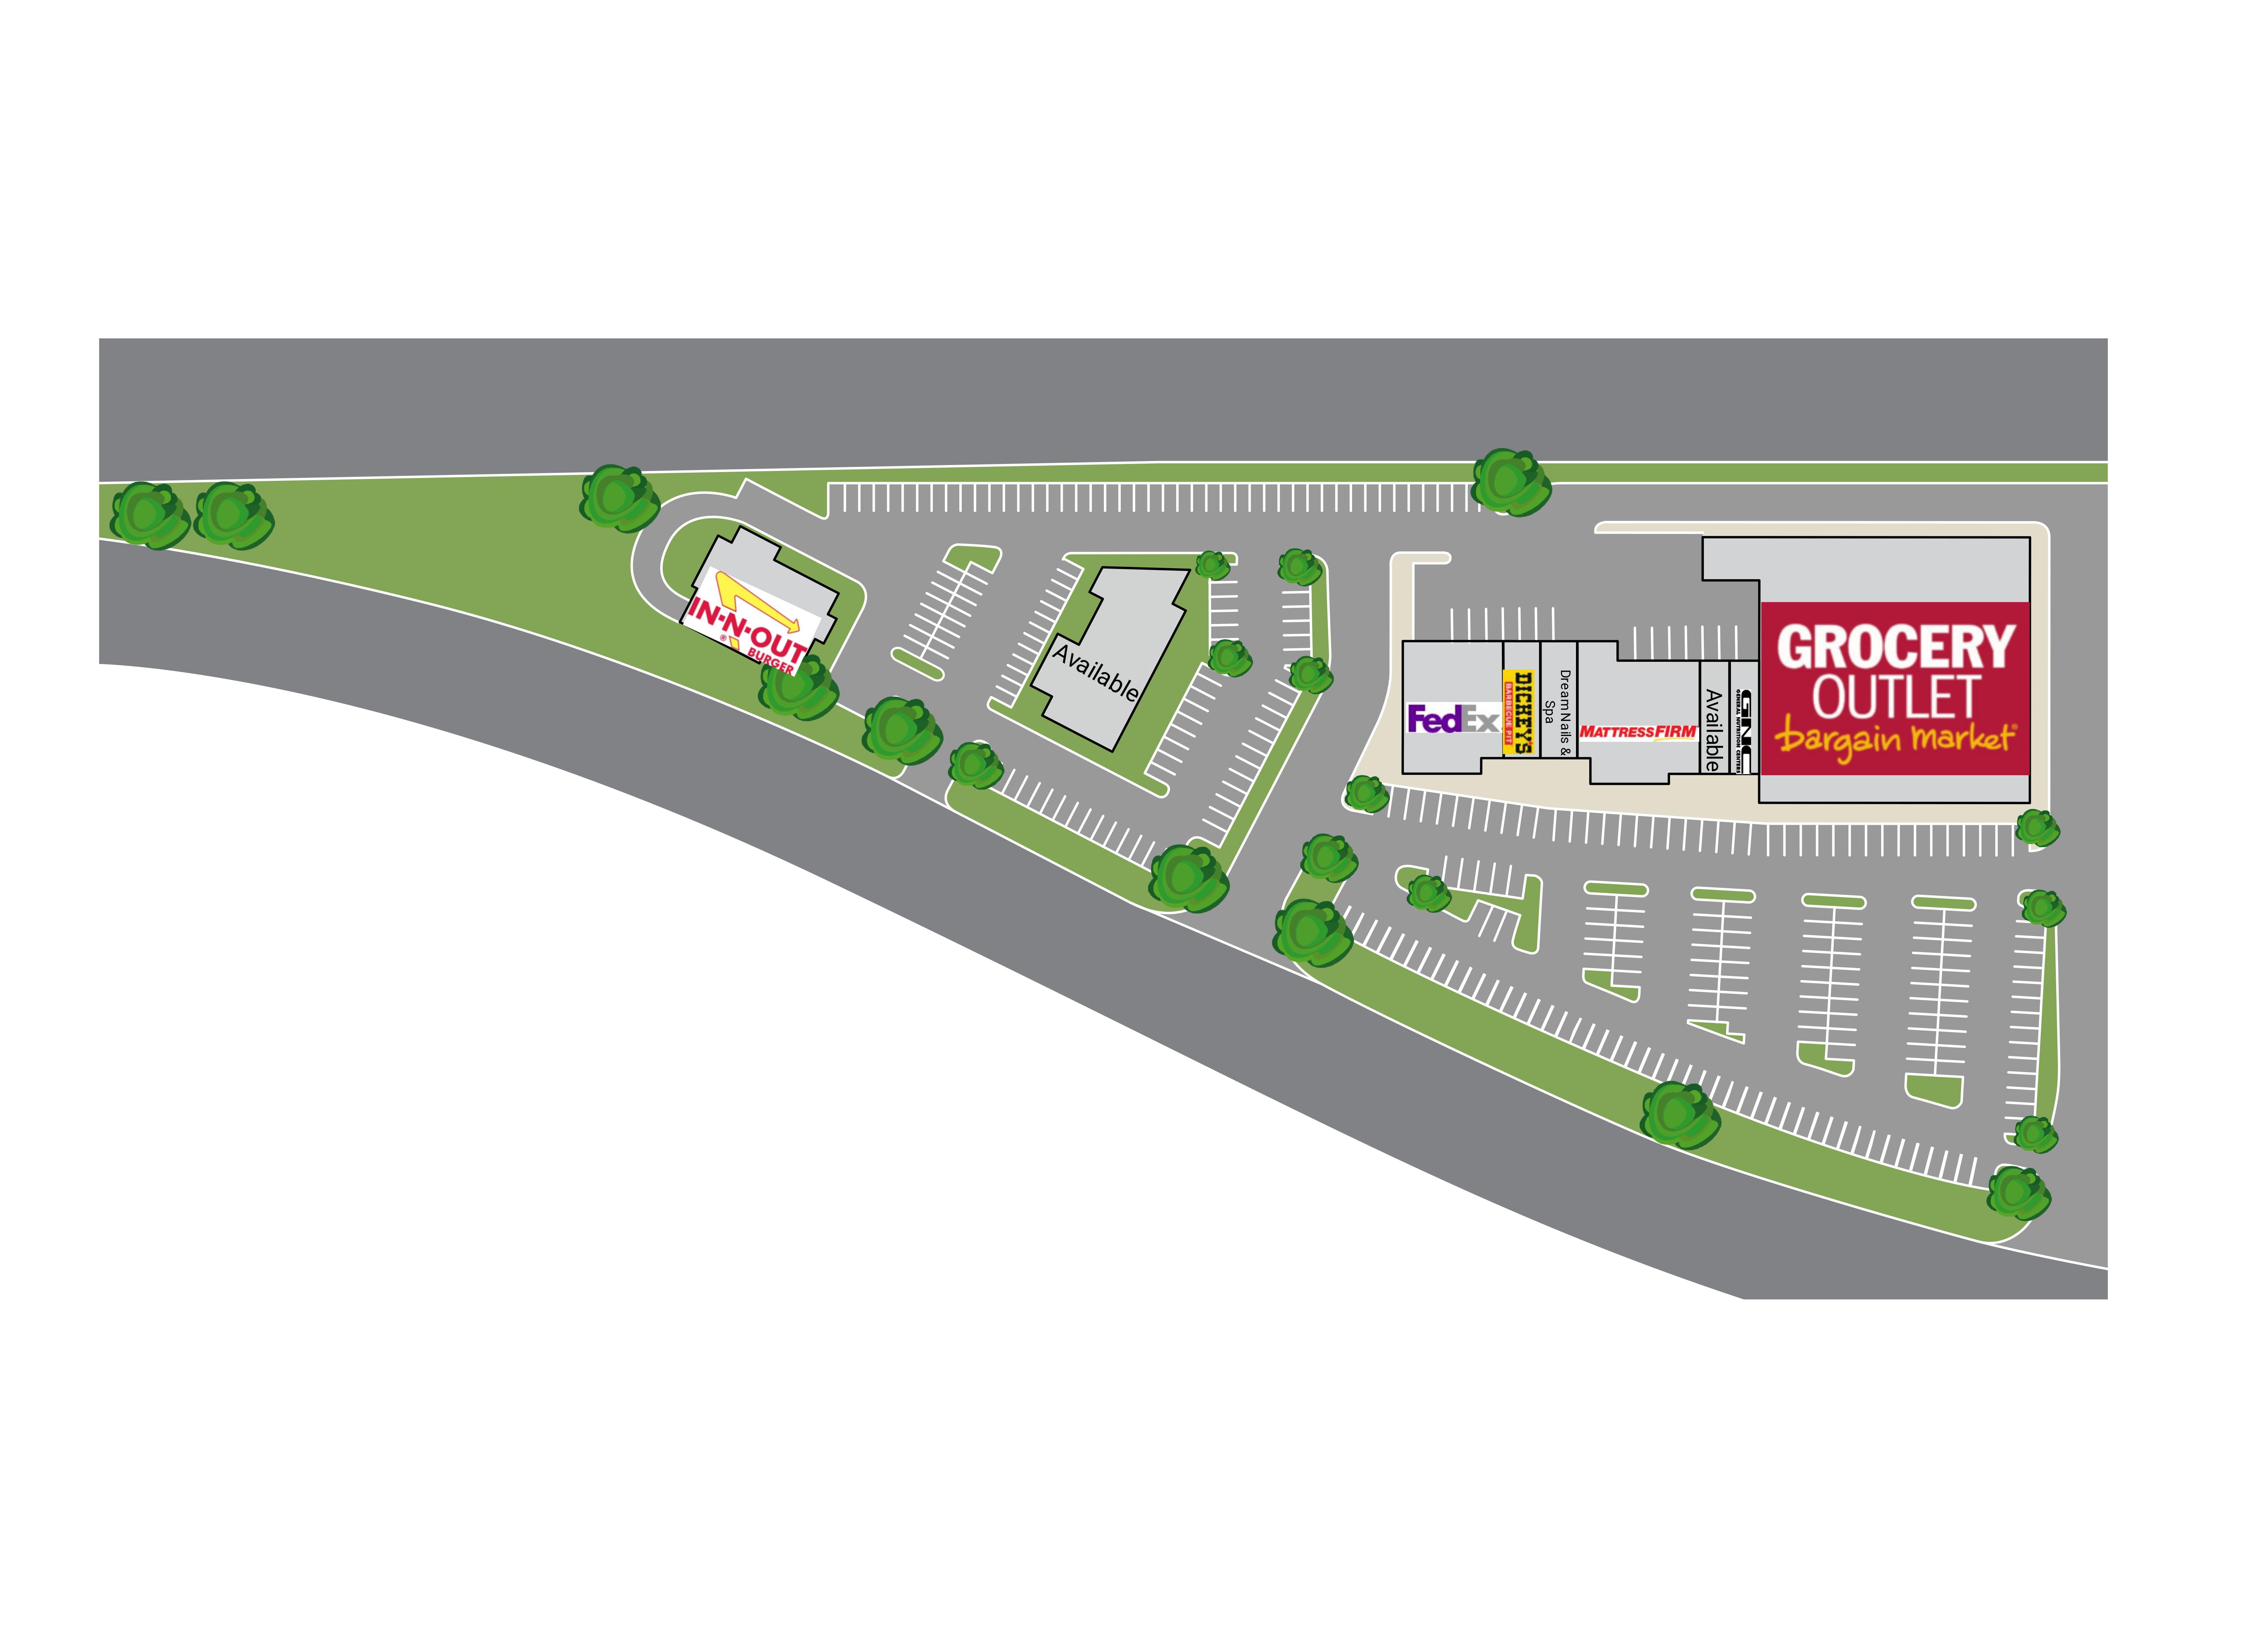 130-160 Nut Tree Parkway: site plan